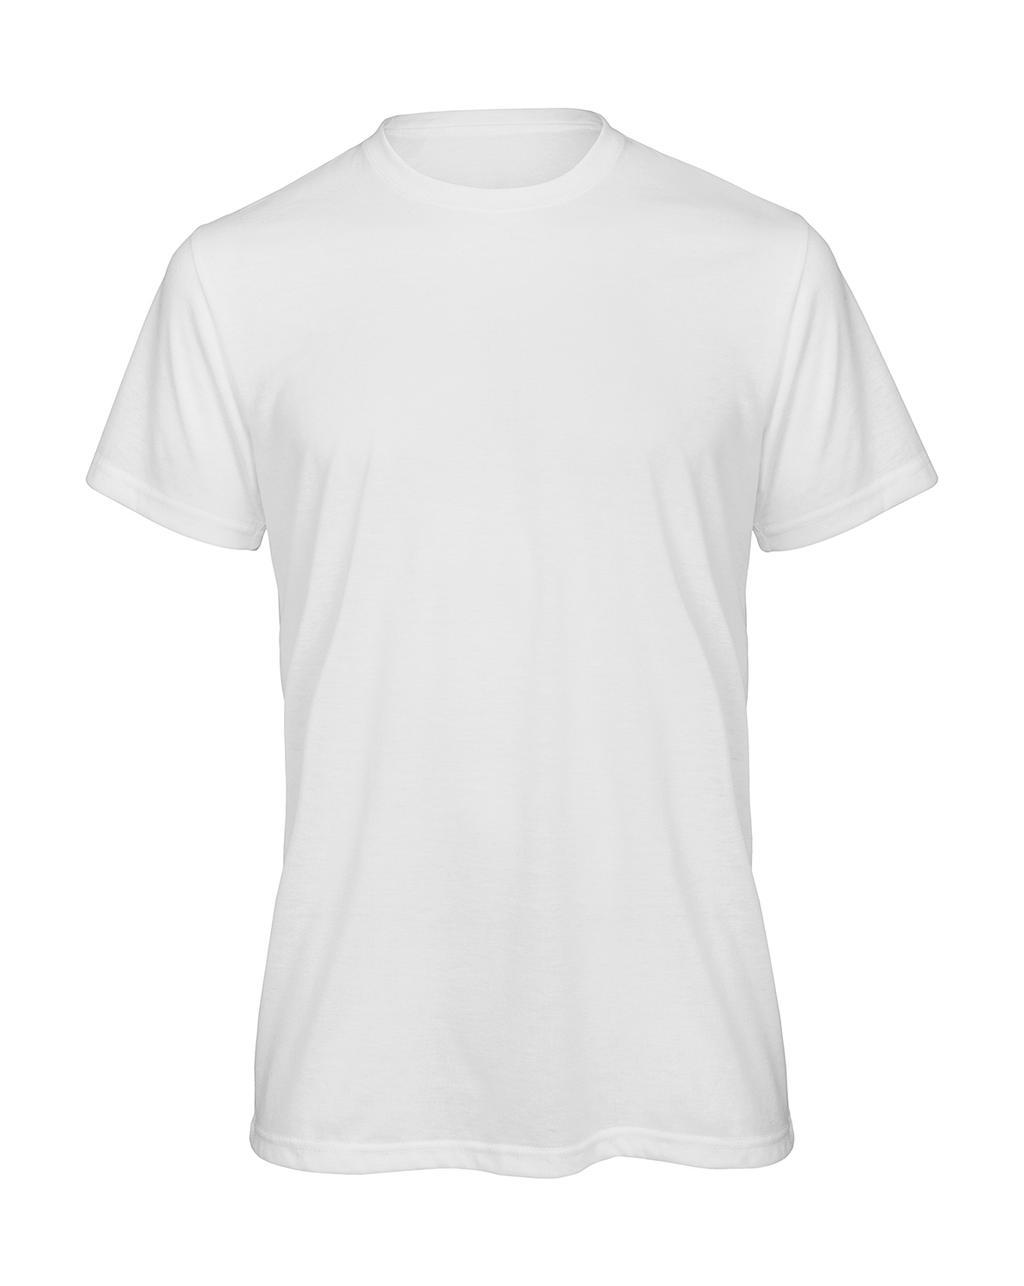 Sublimation T-Shirt - TM062